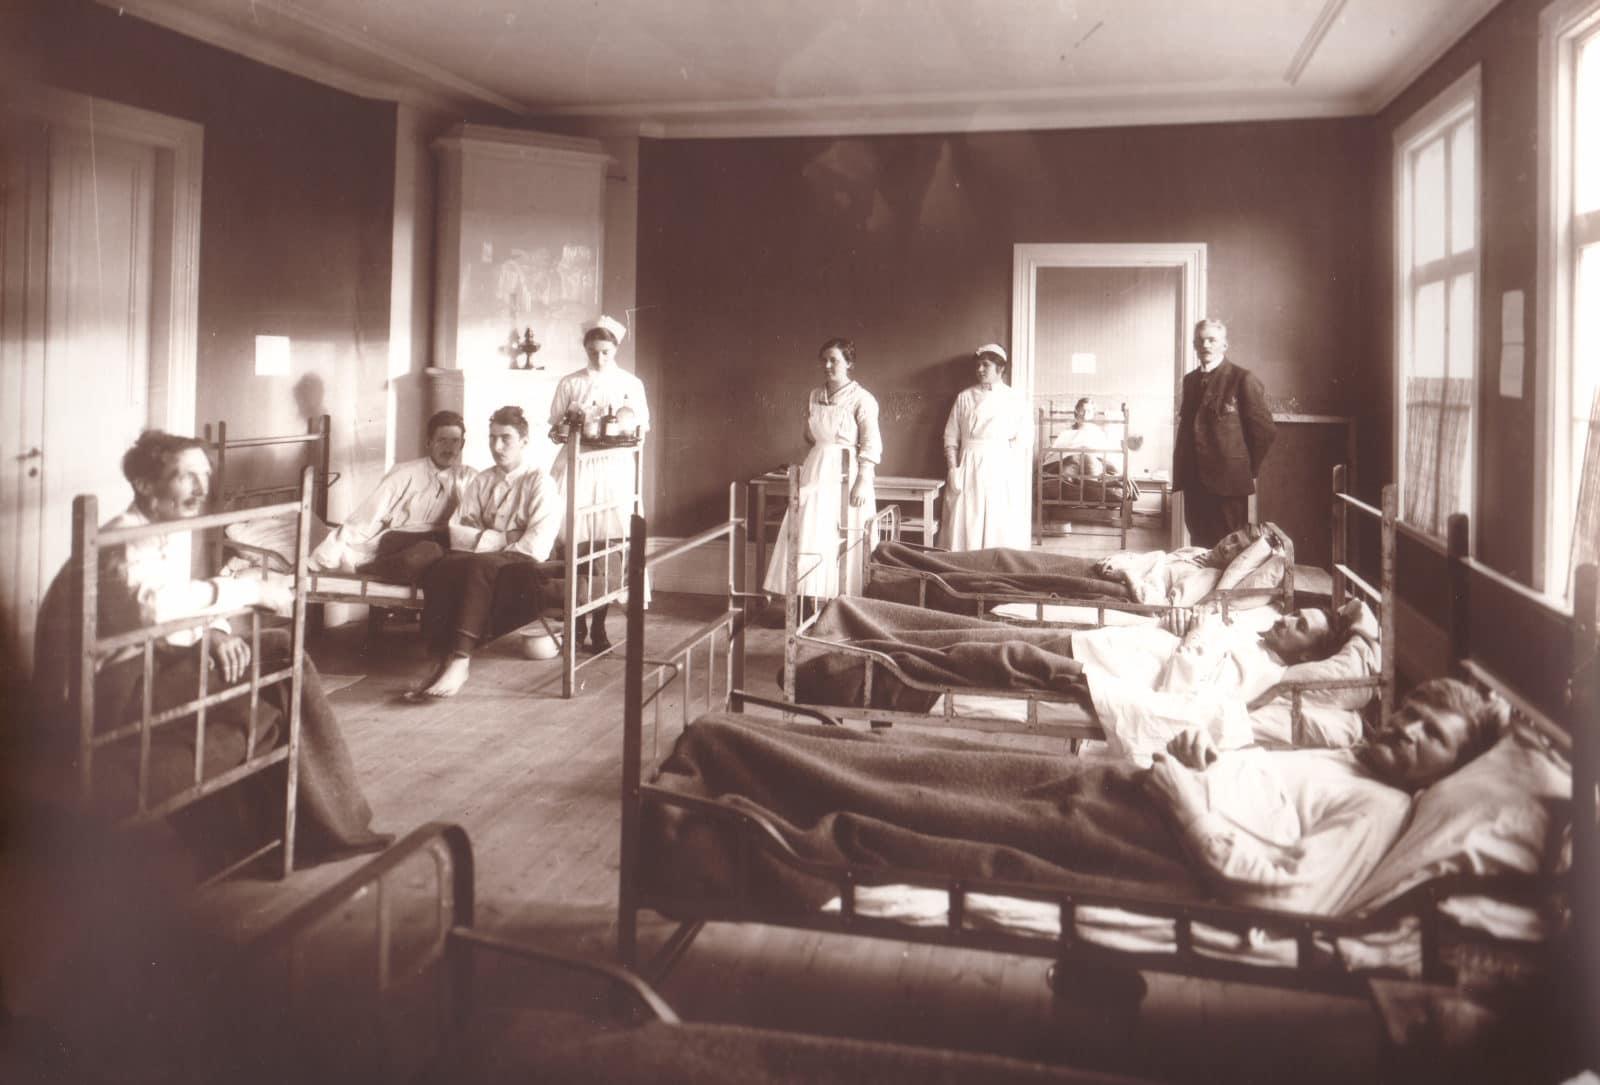 """Svegs sjukstuga, föregångaren till Svegs länslasarett, bedrev här sjukvård 1901-1933. Här överfylld av patienter drabbade av Spanska sjukan 1918-1920 med doktor Oskar Ludvig Svenonius i bakgrunden med sjuksyster och biträden. Till råga på allt under det dramatiska året 1918 lades även patienter in med difteri som var en annan epidemisjukdom (annan benämning äkta krupp) som drabbade närmare 28 000 personer i Sverige. Fastigheten till sjukstugan finns kvar, adress Ögränd. Mer om Svegs sjukstuga finns att läsa i boken """"Härjedalingarna, sjukvården och hälsoarbetet 1924-2014"""" av undertecknad."""